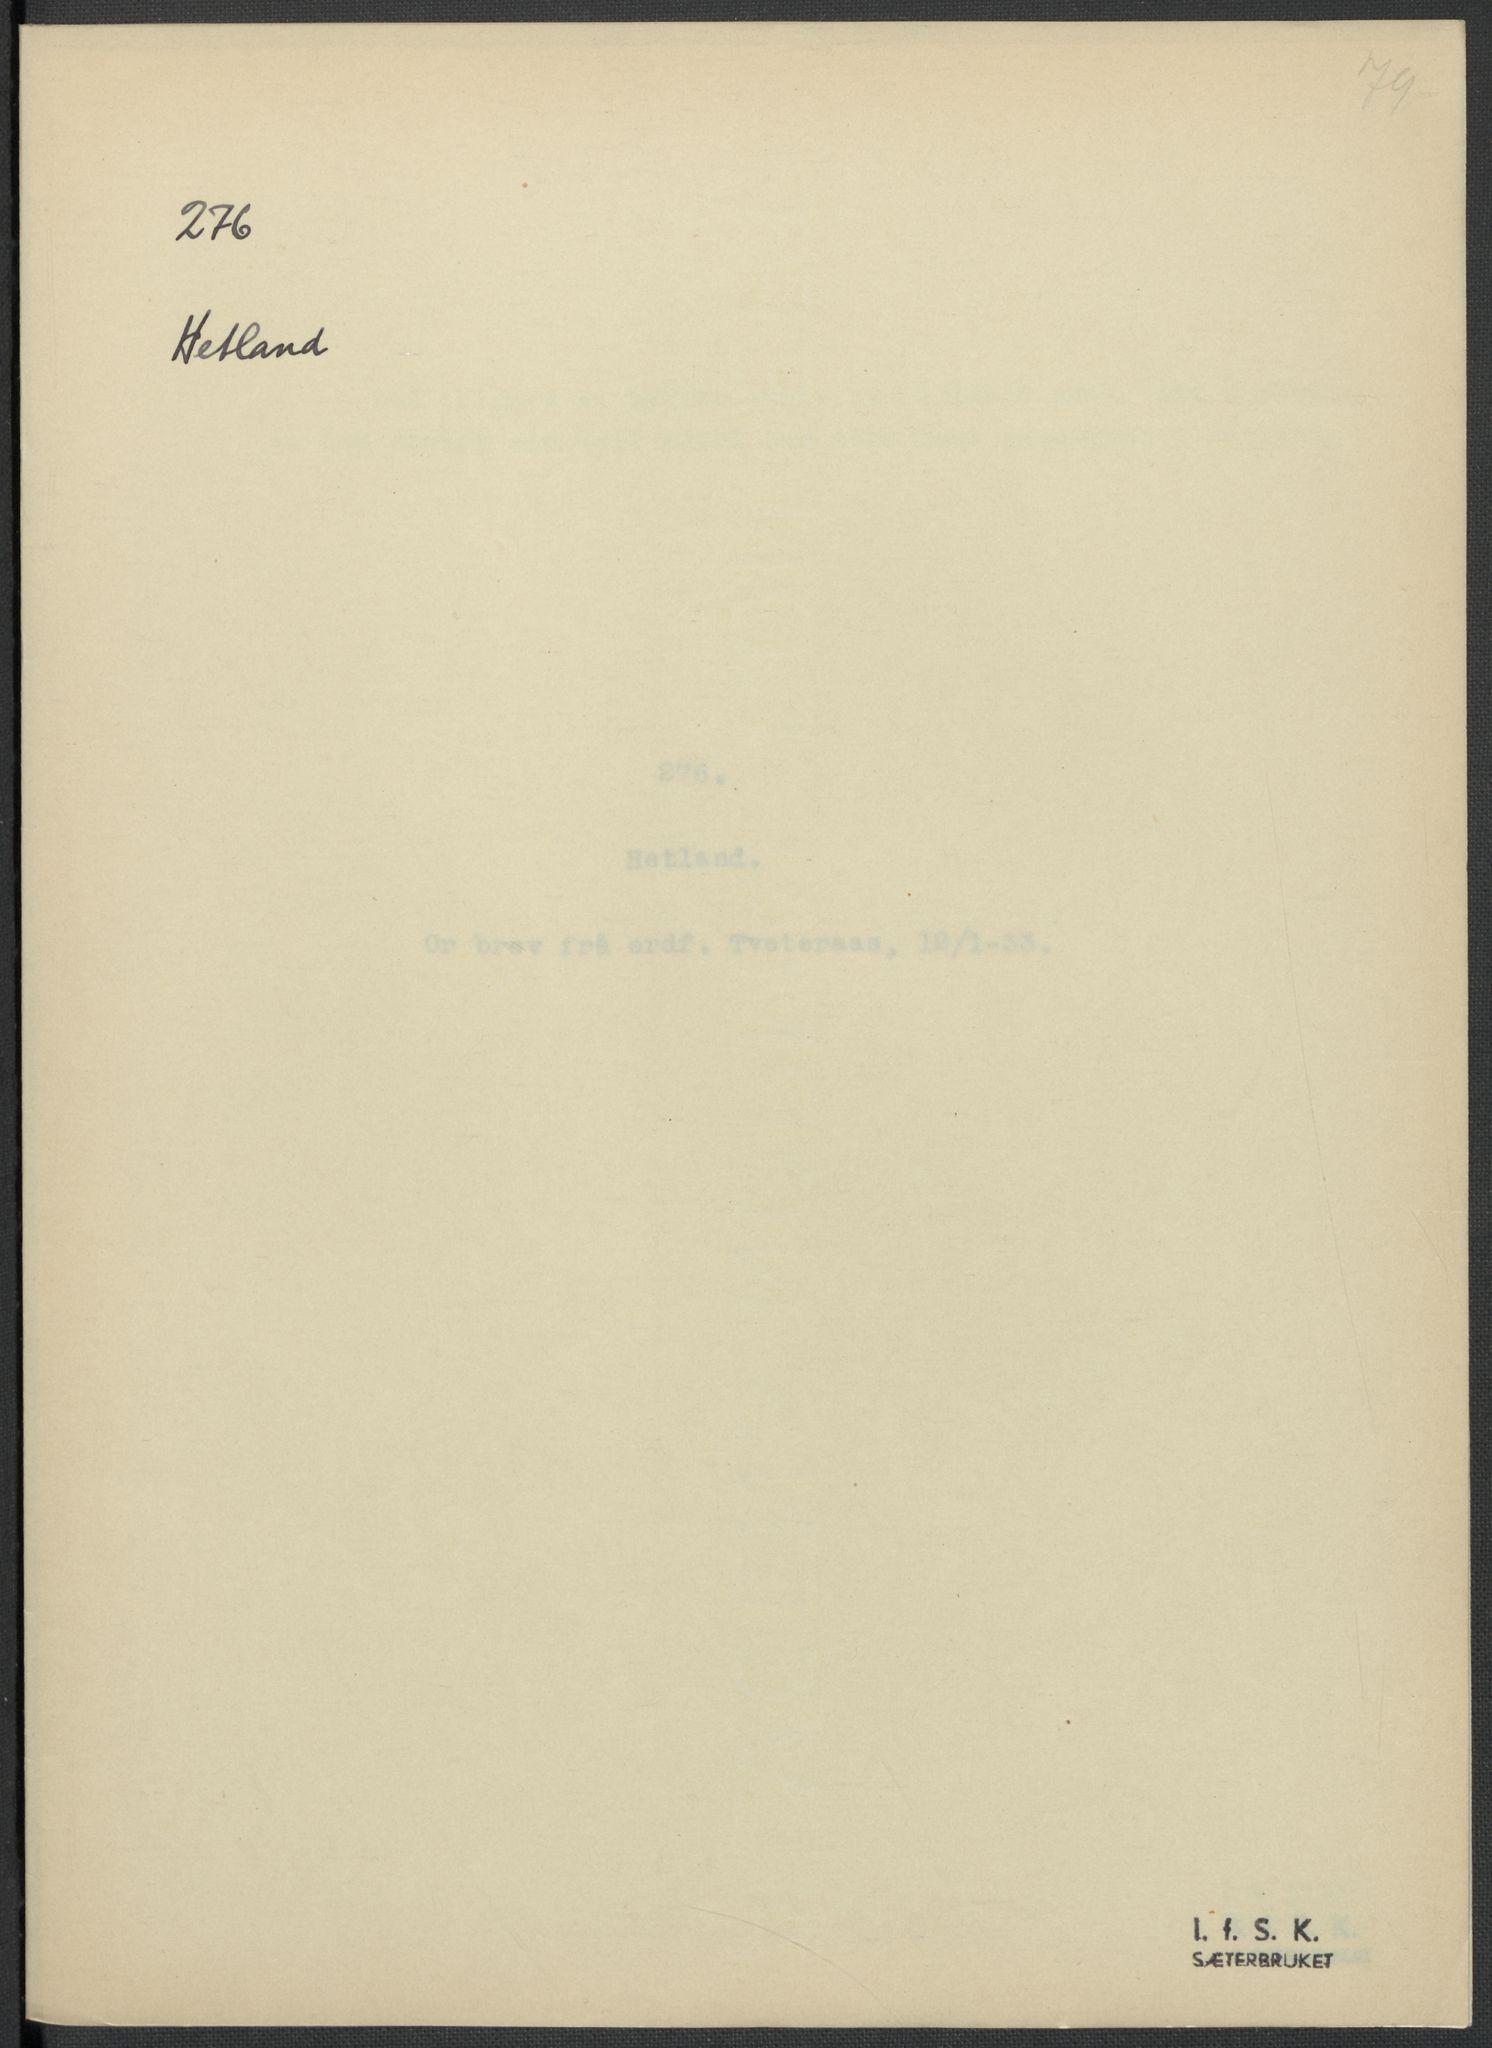 RA, Instituttet for sammenlignende kulturforskning, F/Fc/L0009: Eske B9:, 1932-1935, s. 79